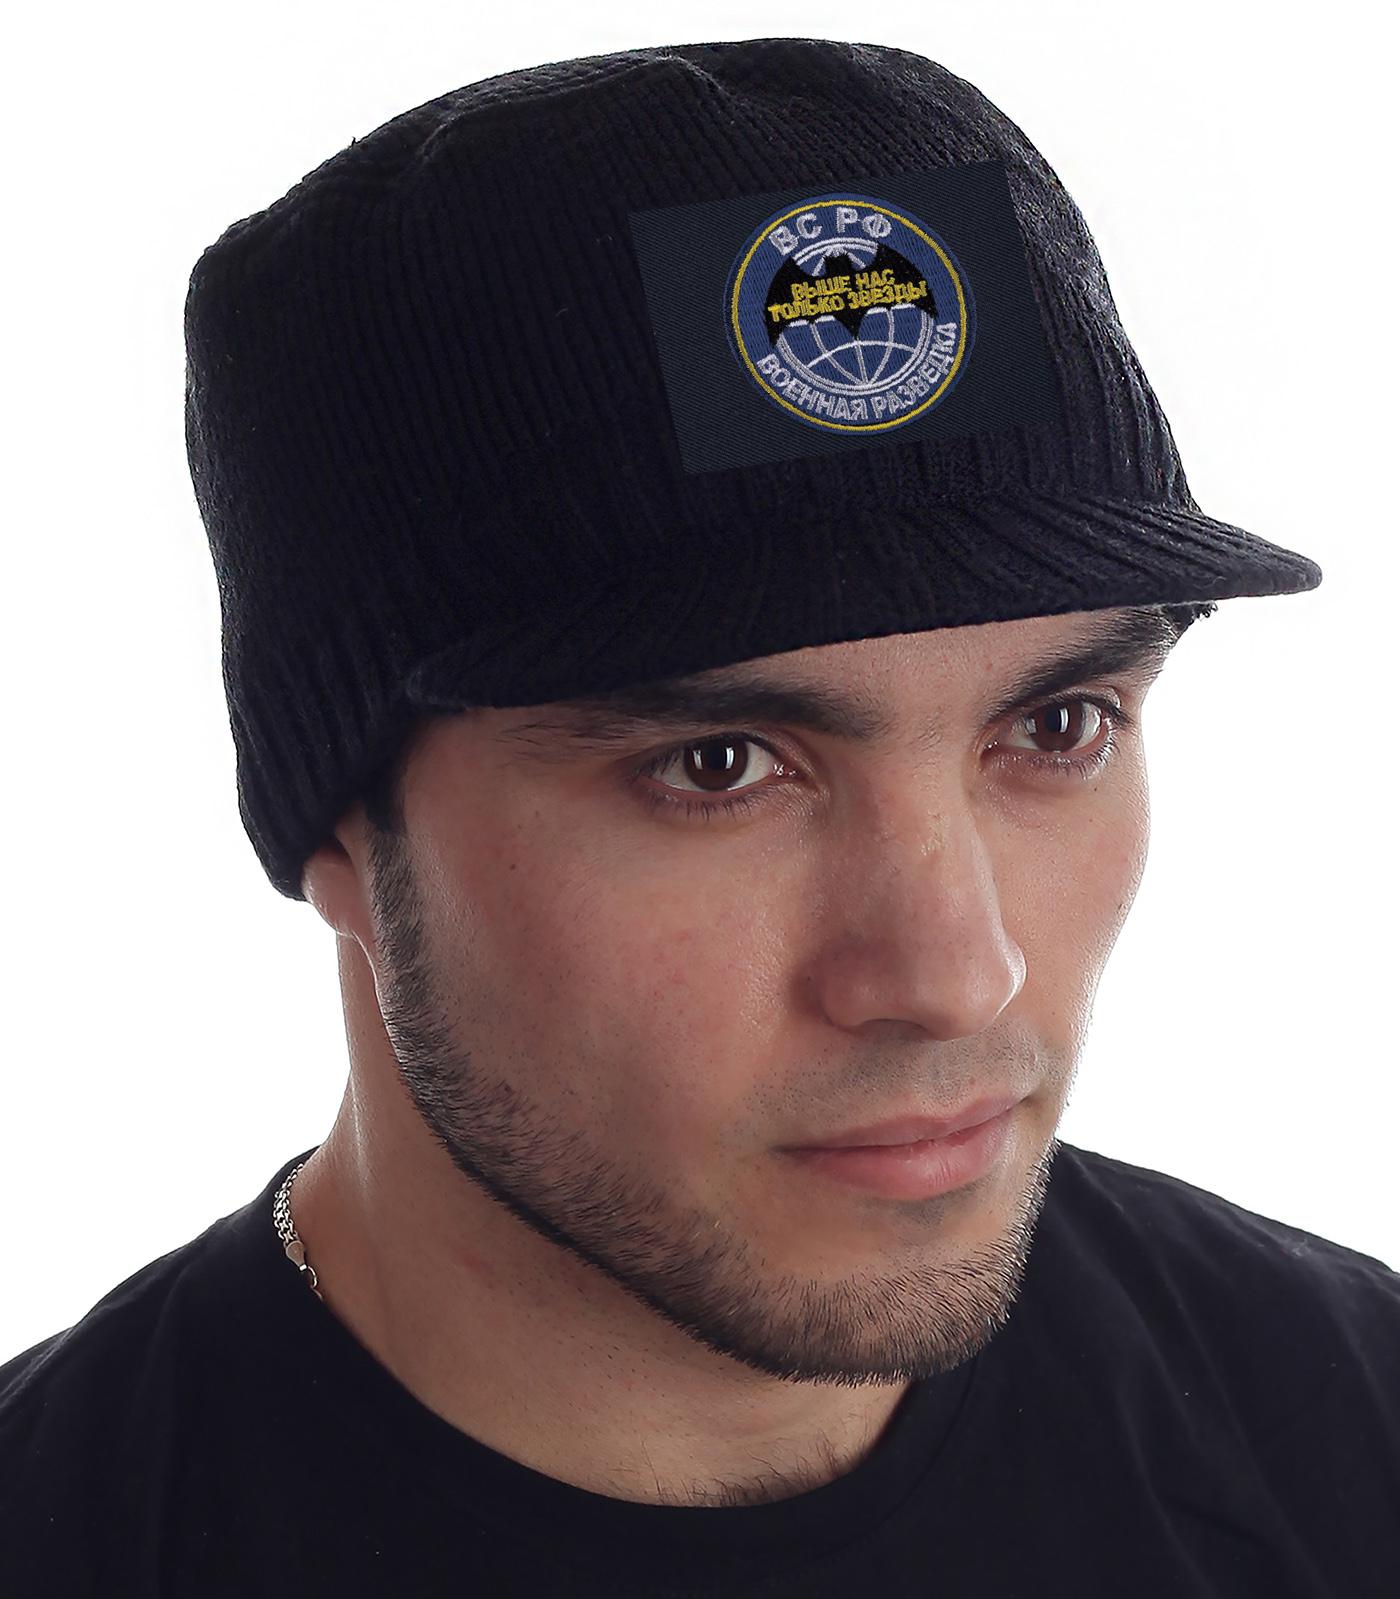 Спортивная теплая кепка Miller Way для парней и мужчин